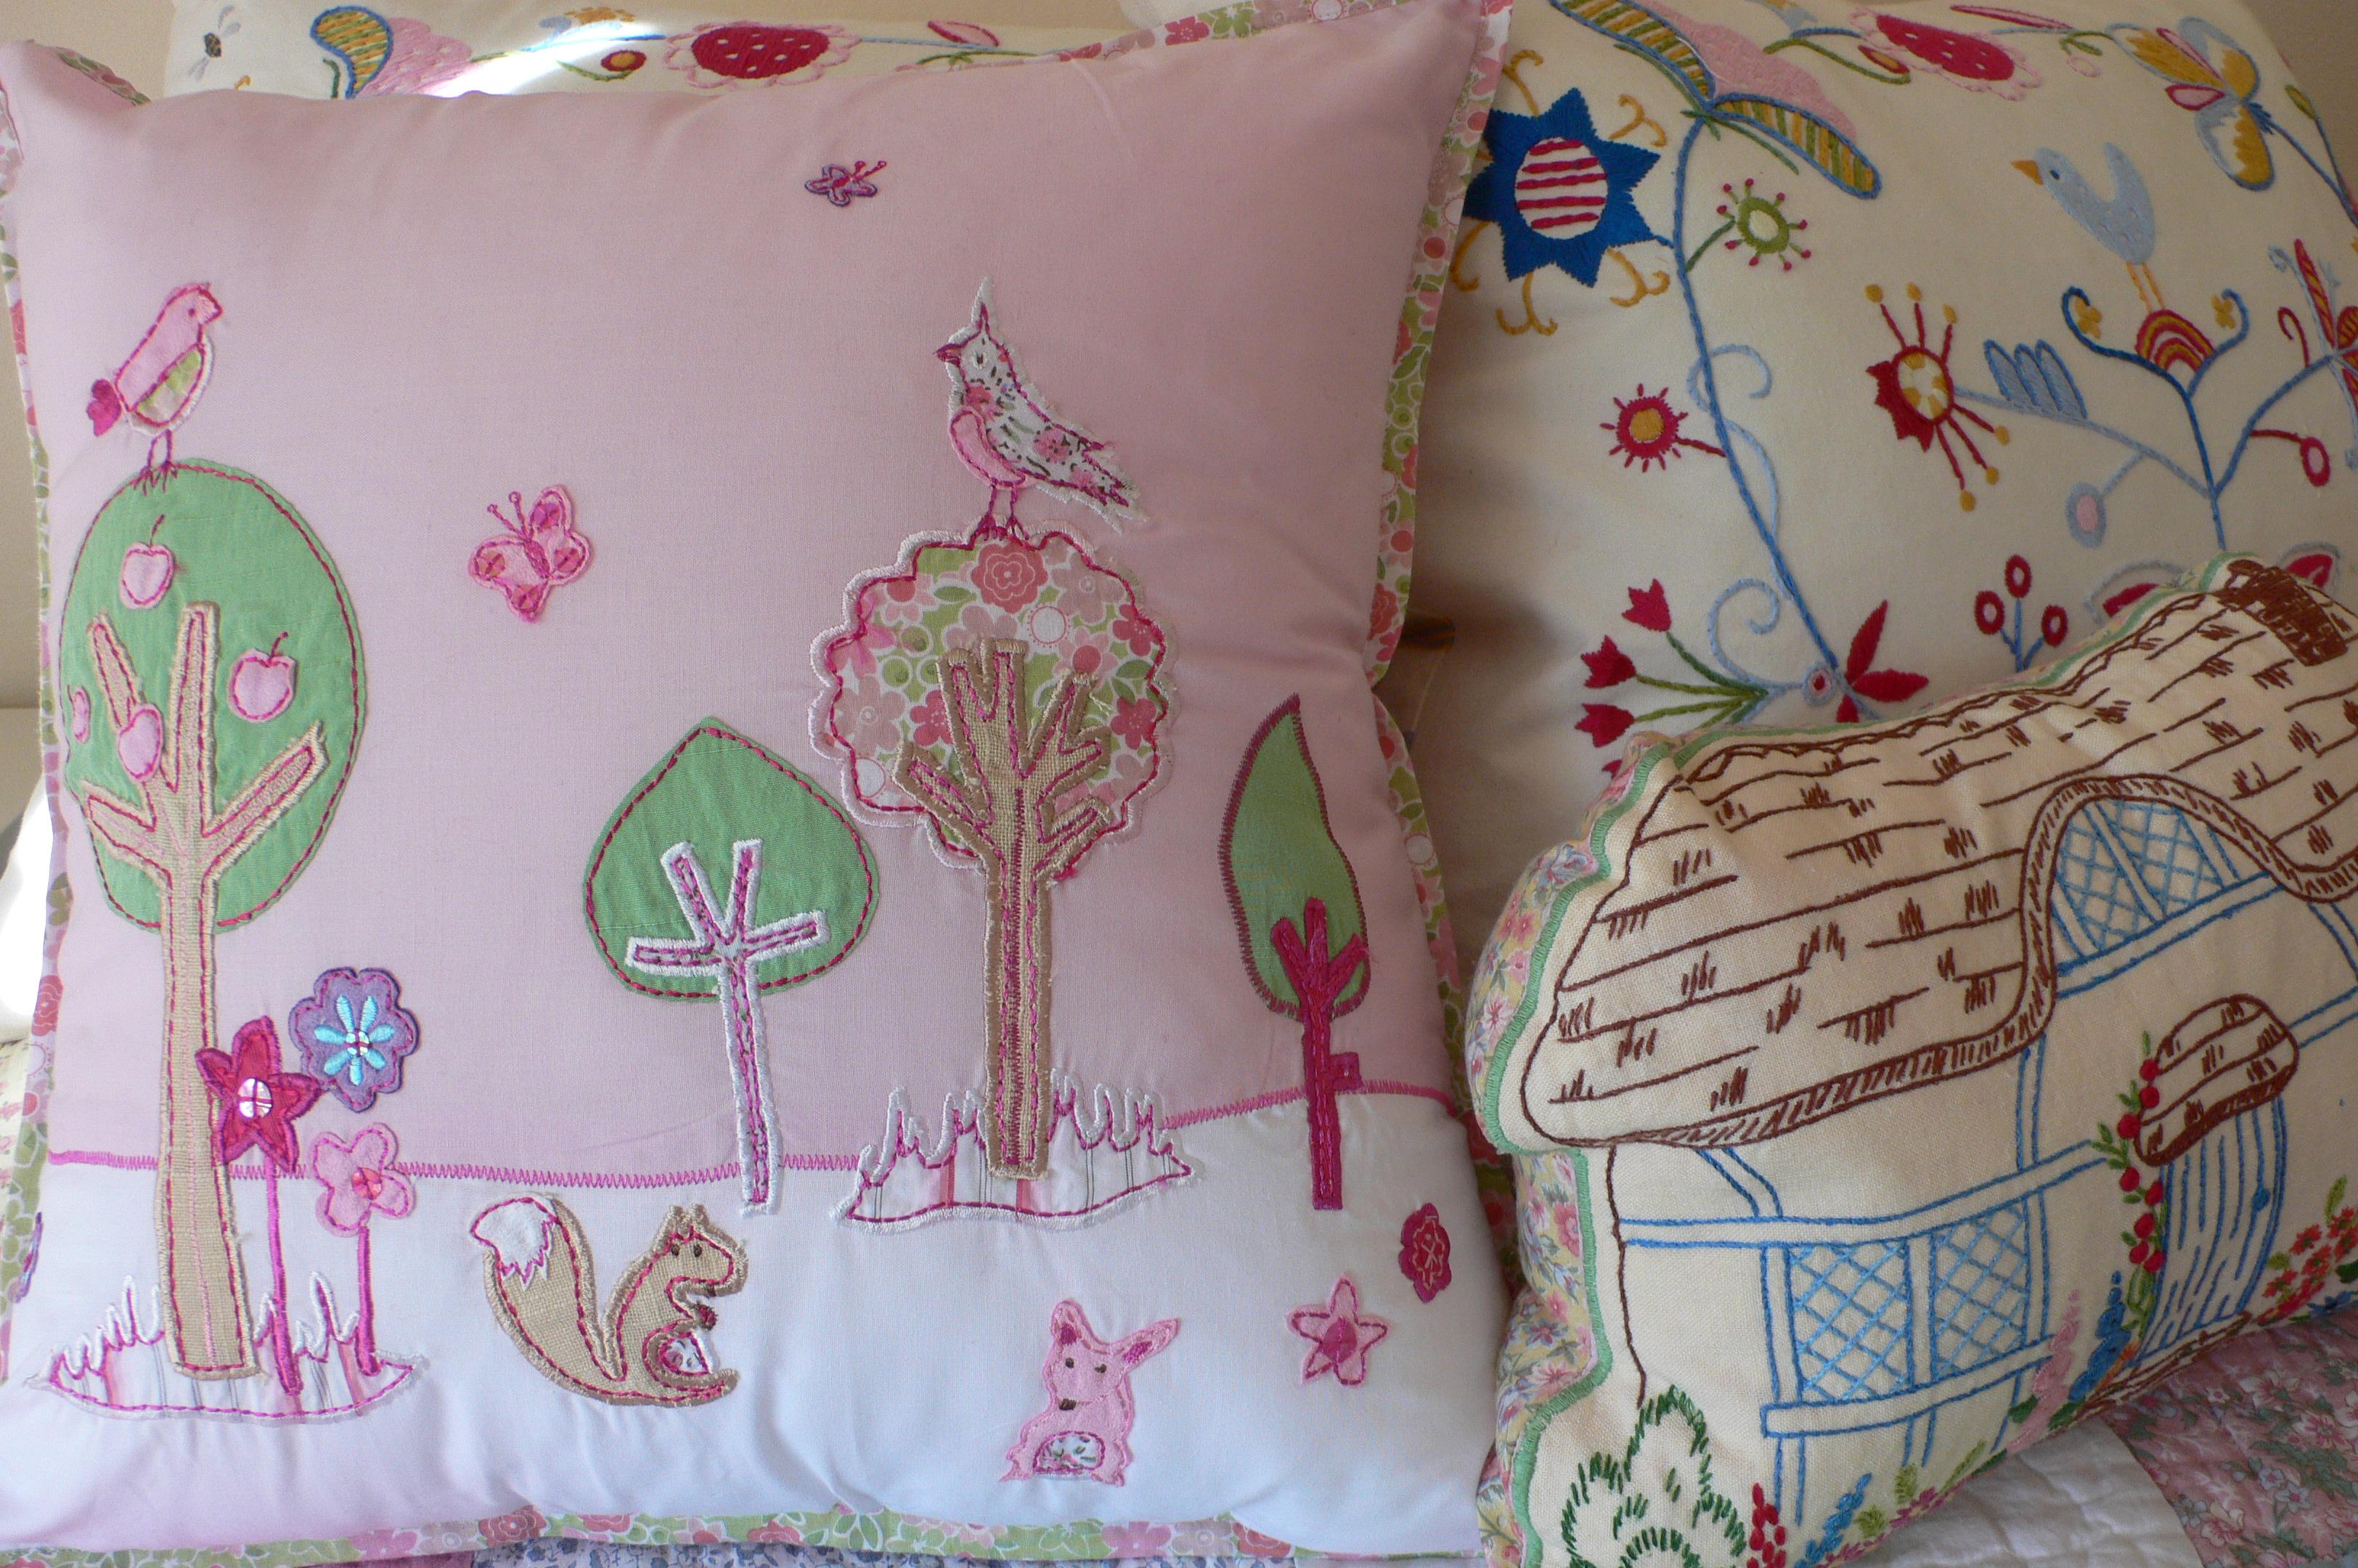 Sfondi : rosa fiori alberi uccelli ricamo farfalle cuscino